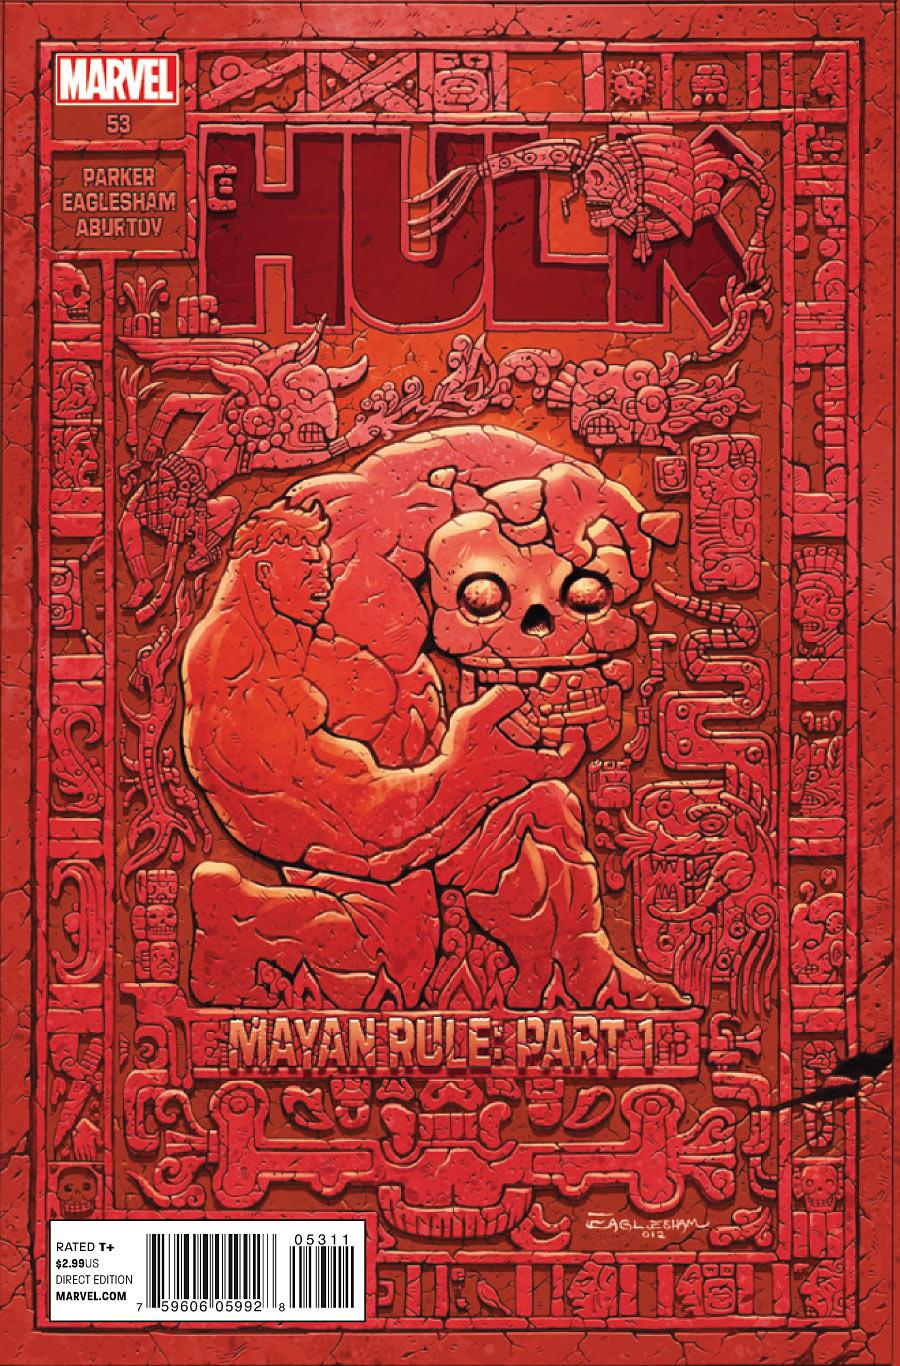 Hulk_Vol_2_53.jpg